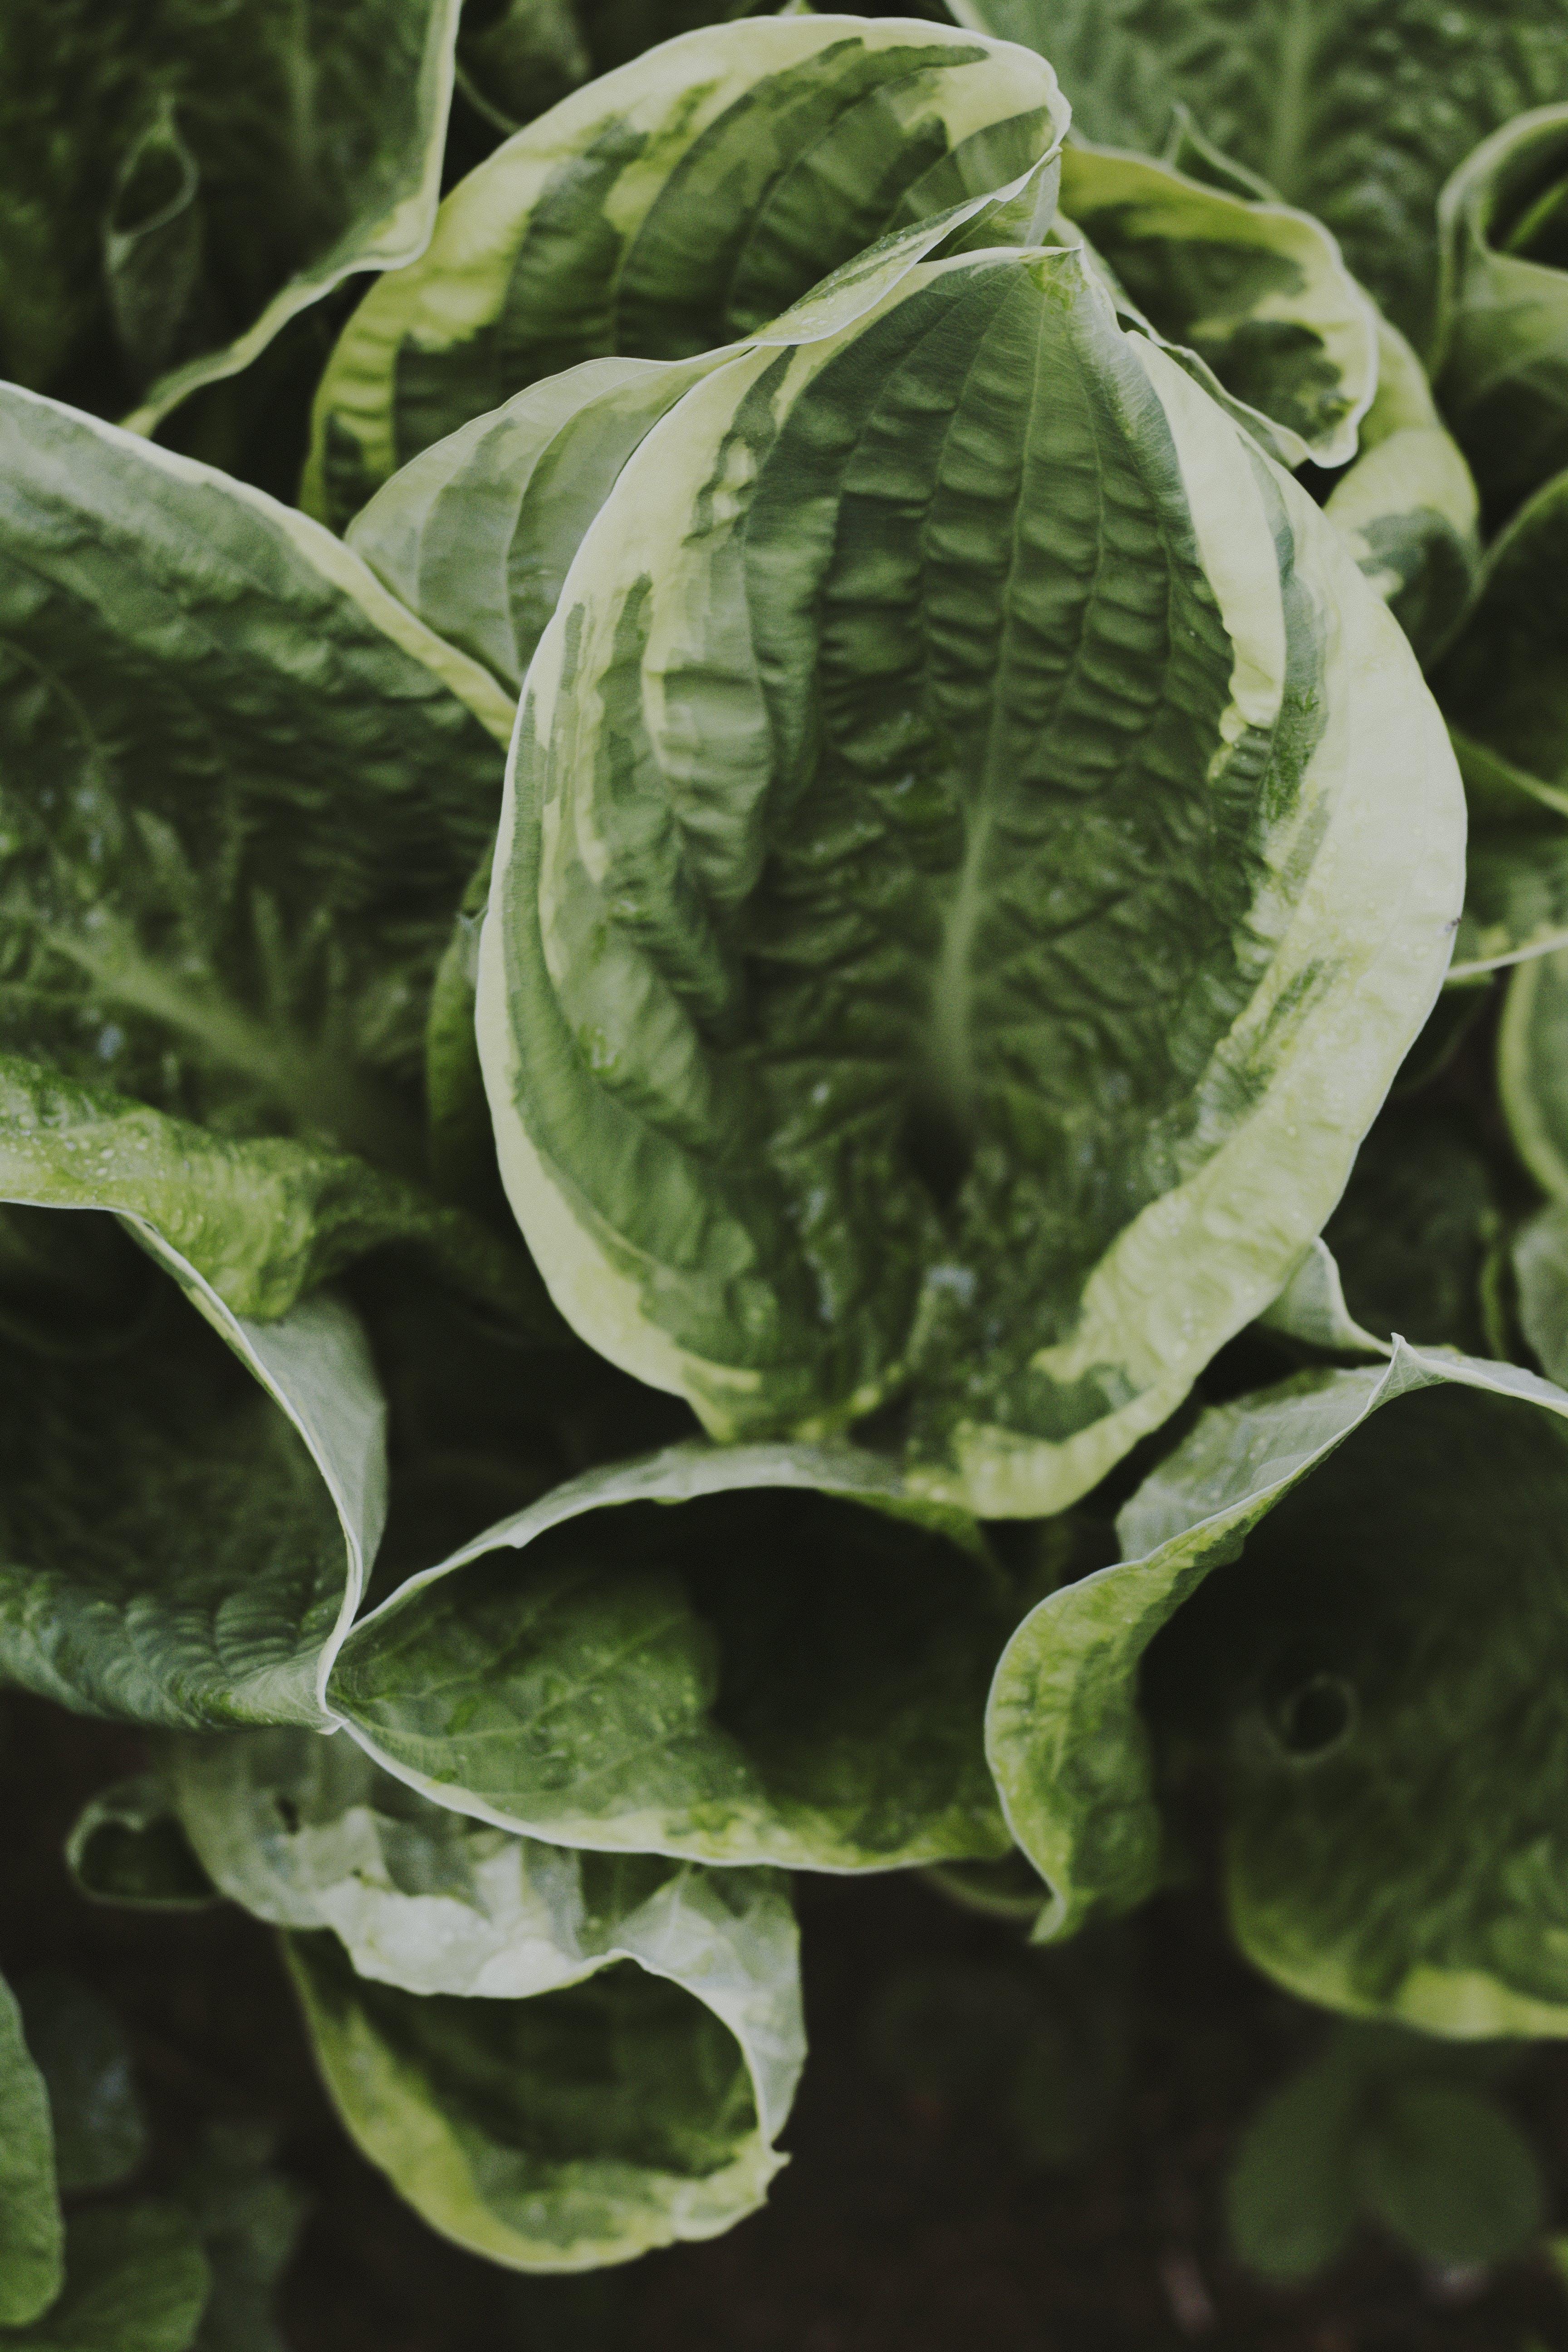 คลังภาพถ่ายฟรี ของ การเจริญเติบโต, พืช, สีเขียว